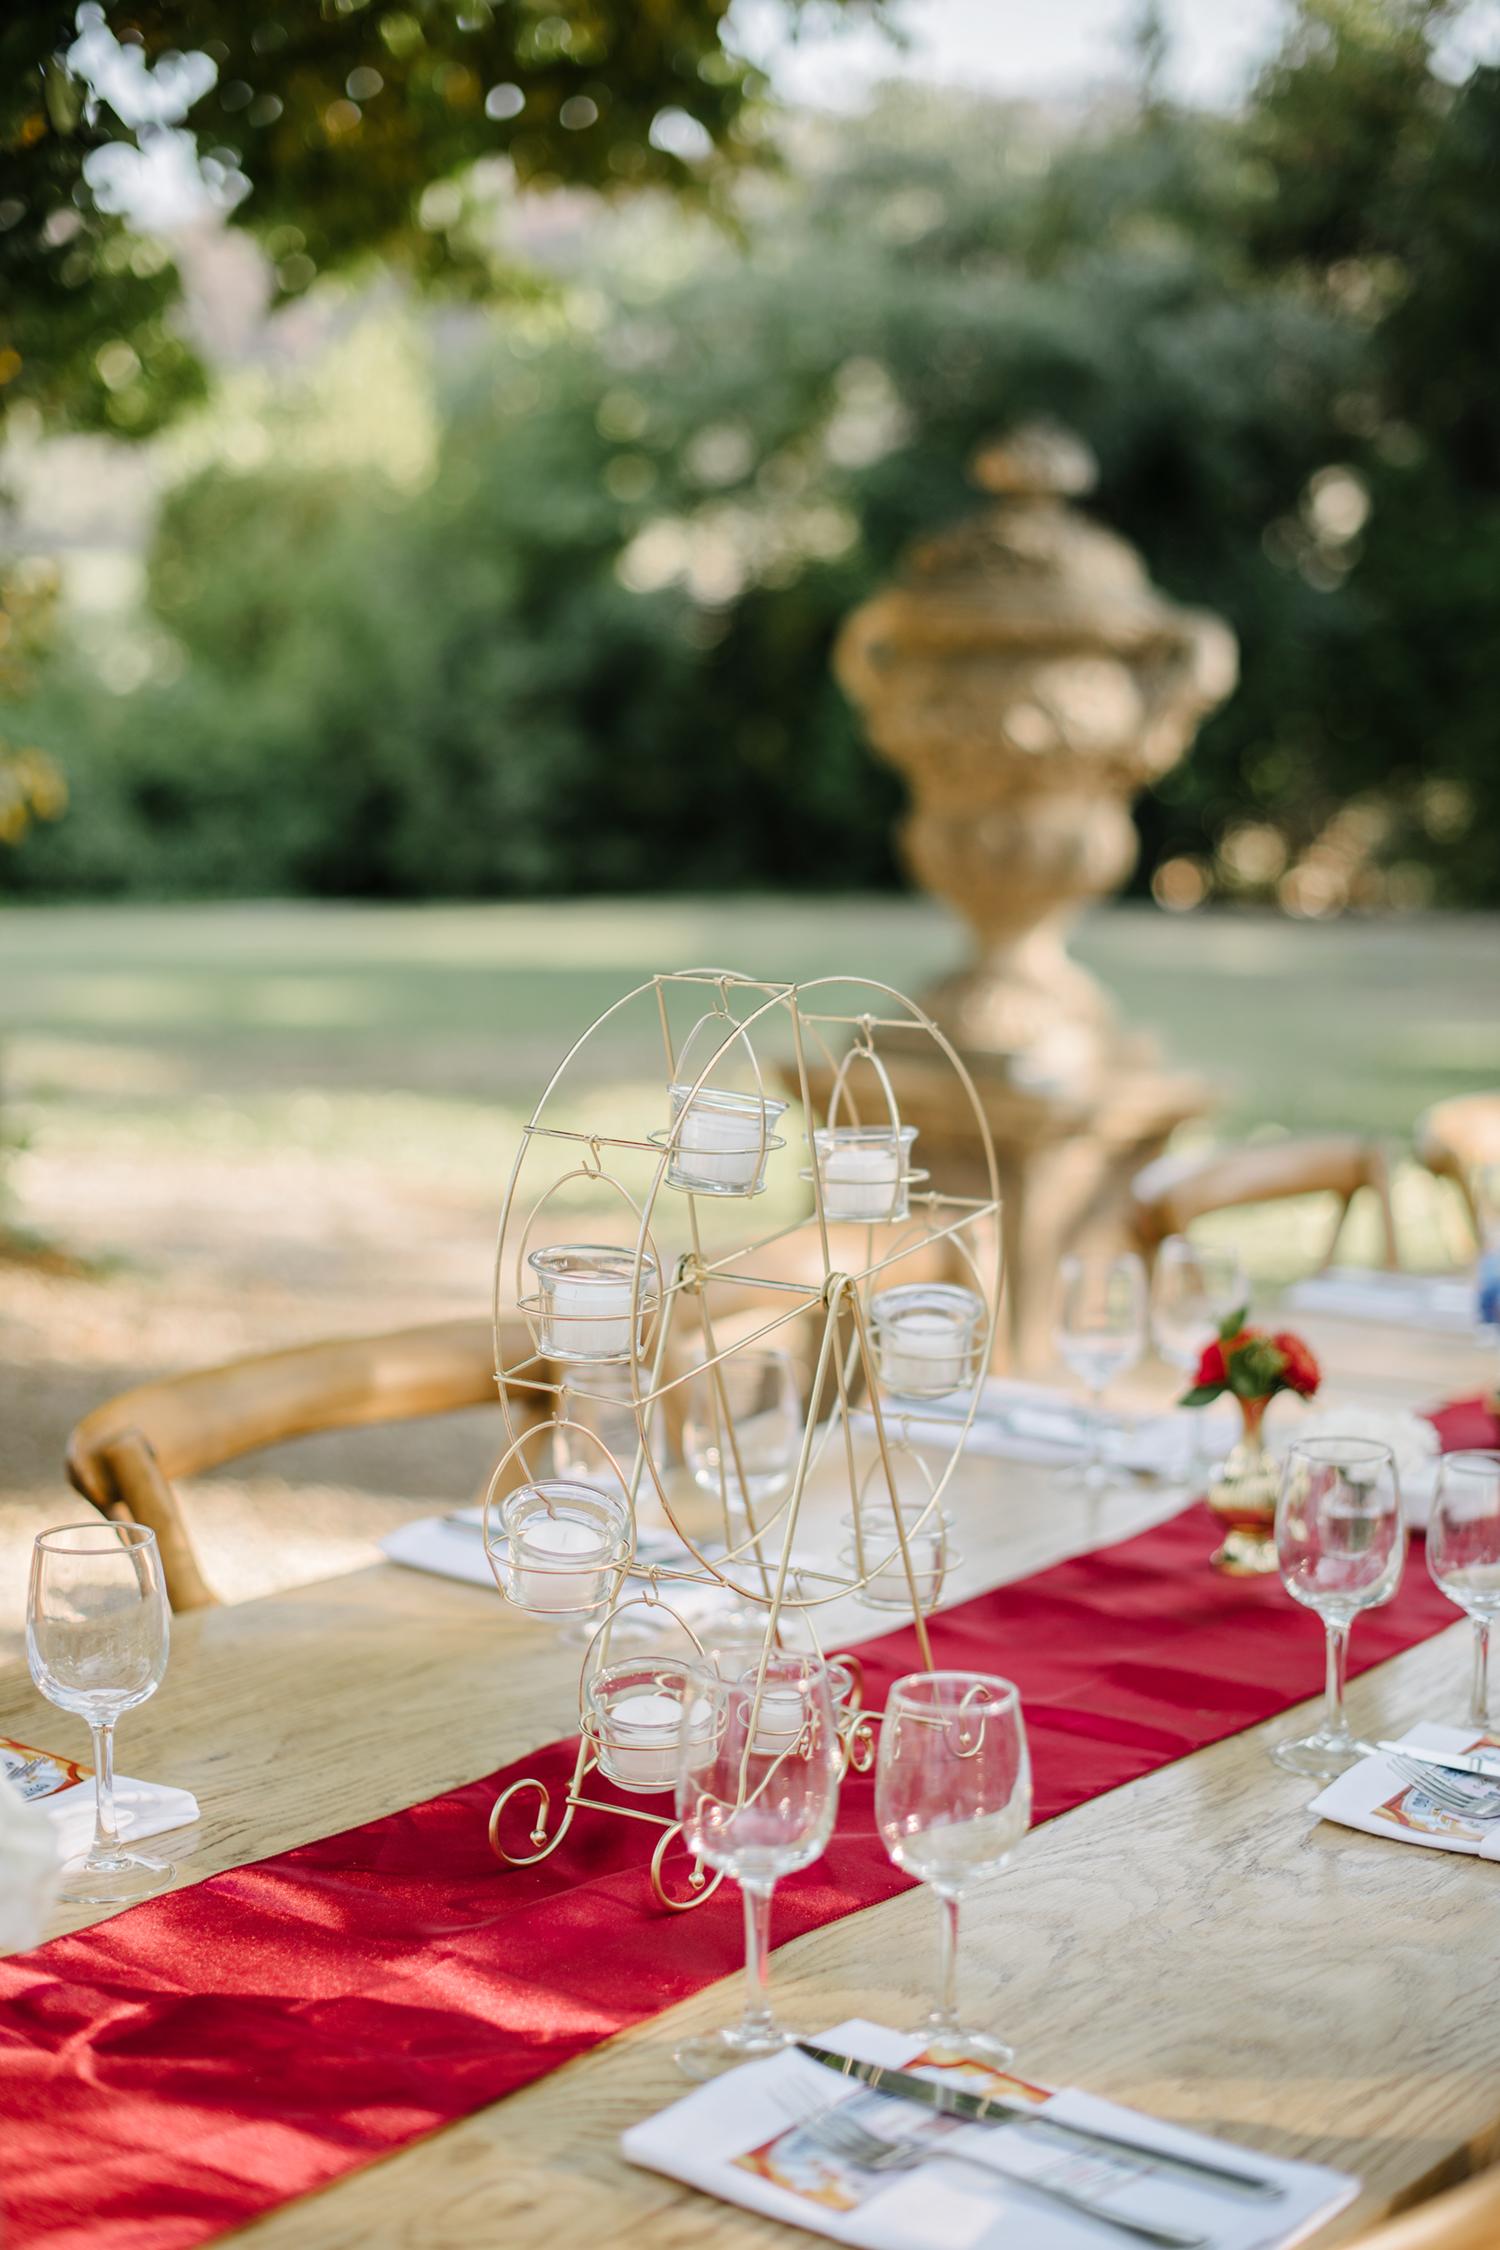 Chateau-Robernier-Wedding-Photography-0023.jpg